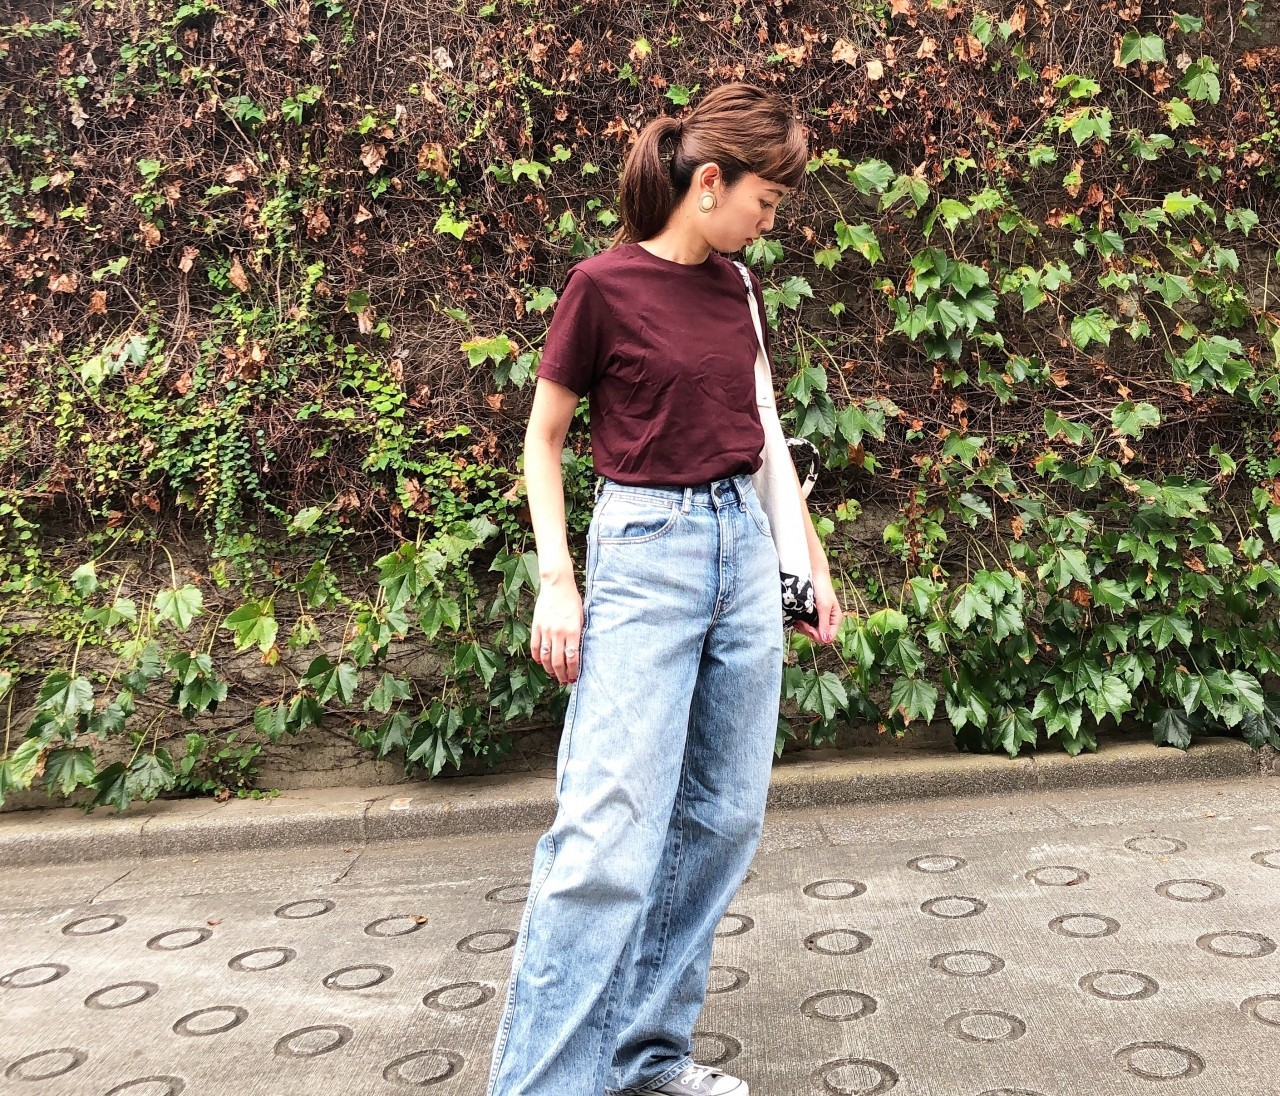 390円のベイクドカラーTシャツで秋のカジュアルコーデ